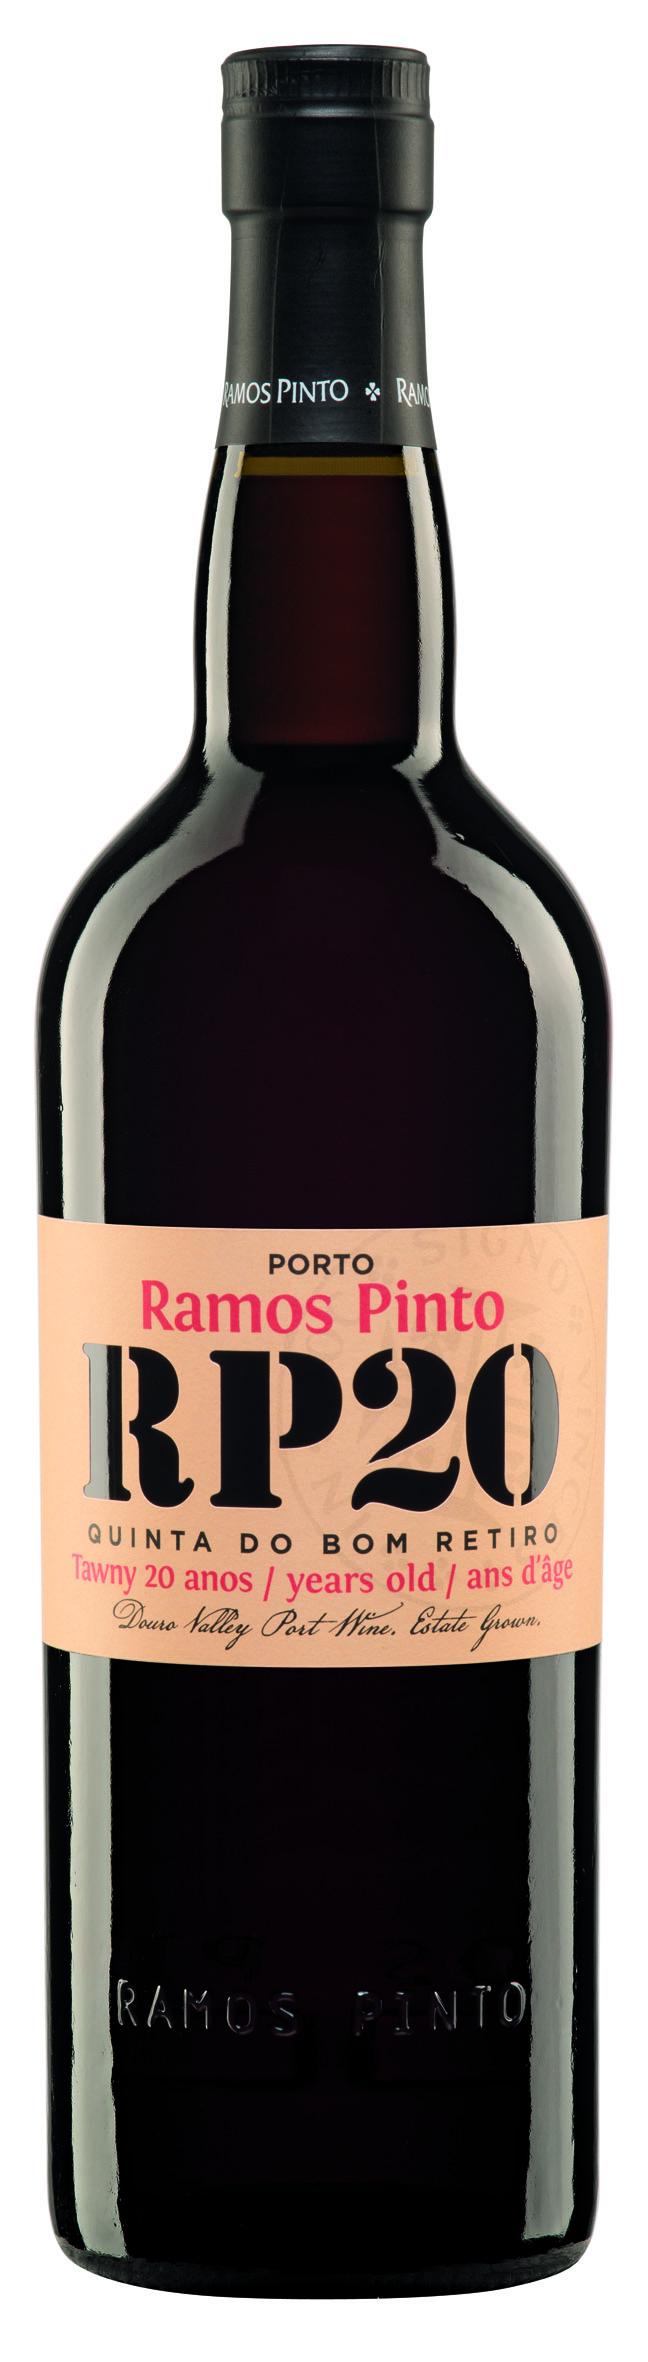 Ramos Pinto Port 20 Jahre Quinta do Bom Retiro